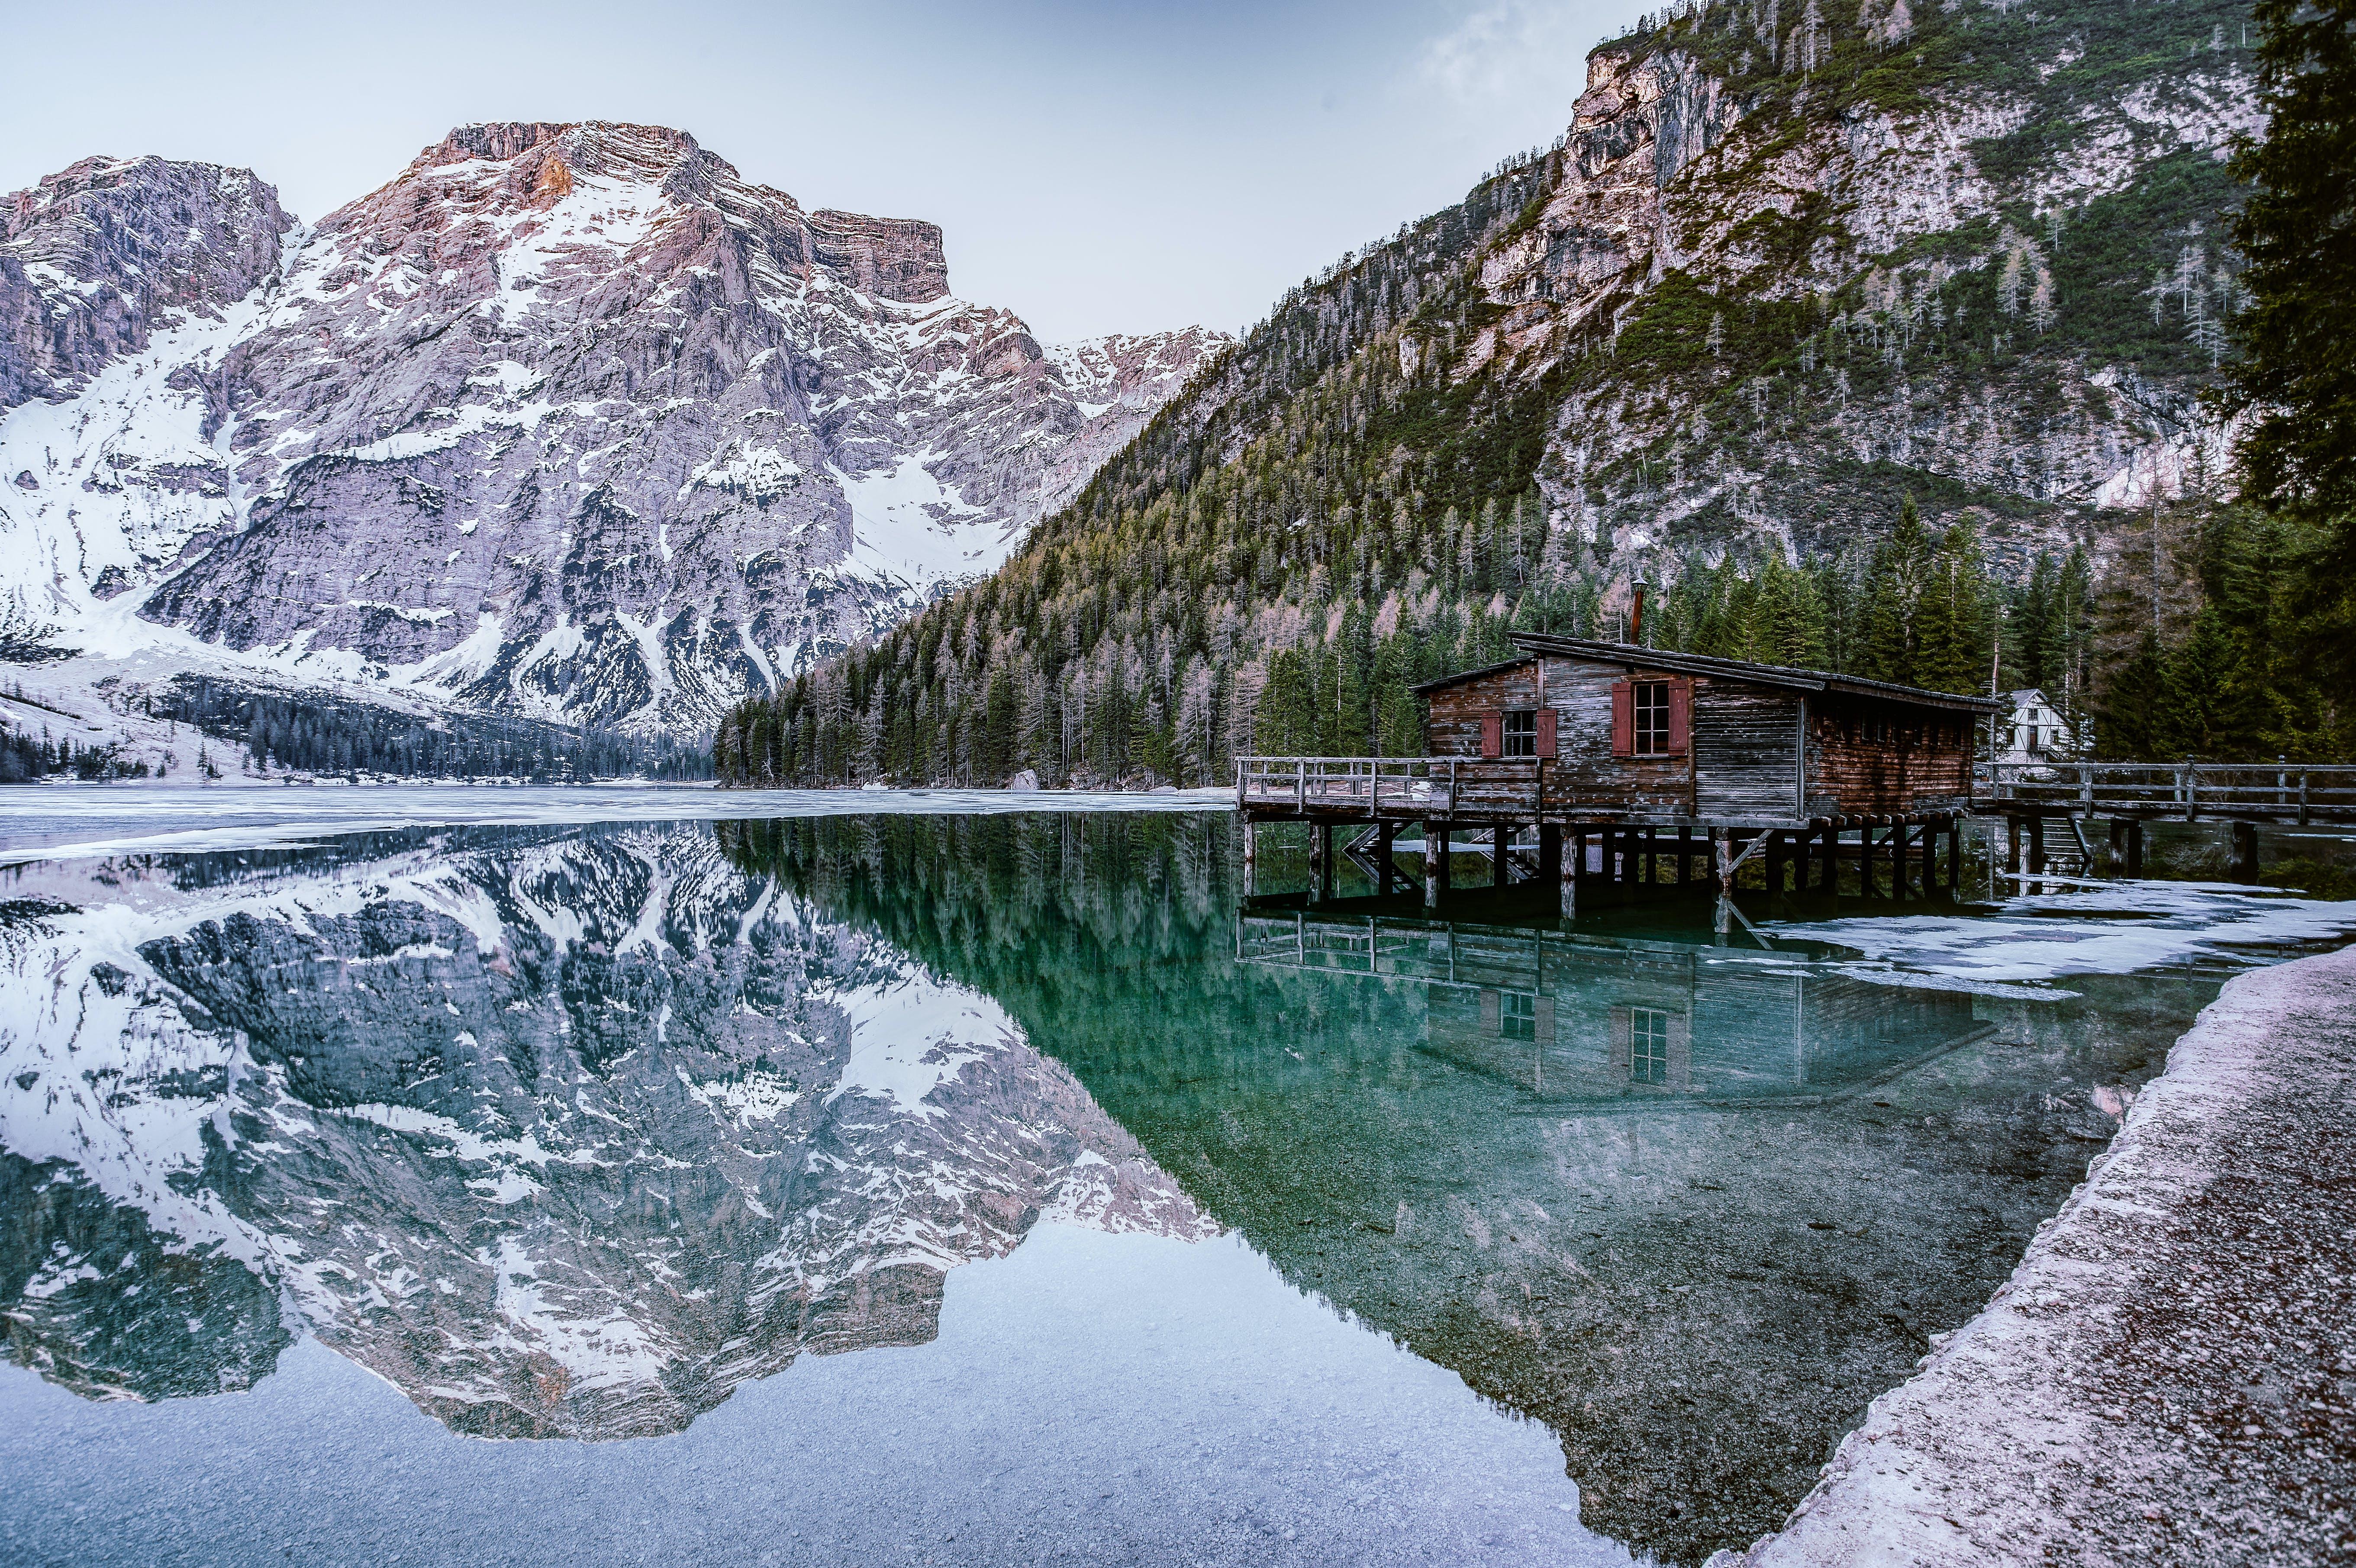 Immagine gratuita di alpino, bellissimo, dolomiti, esterno